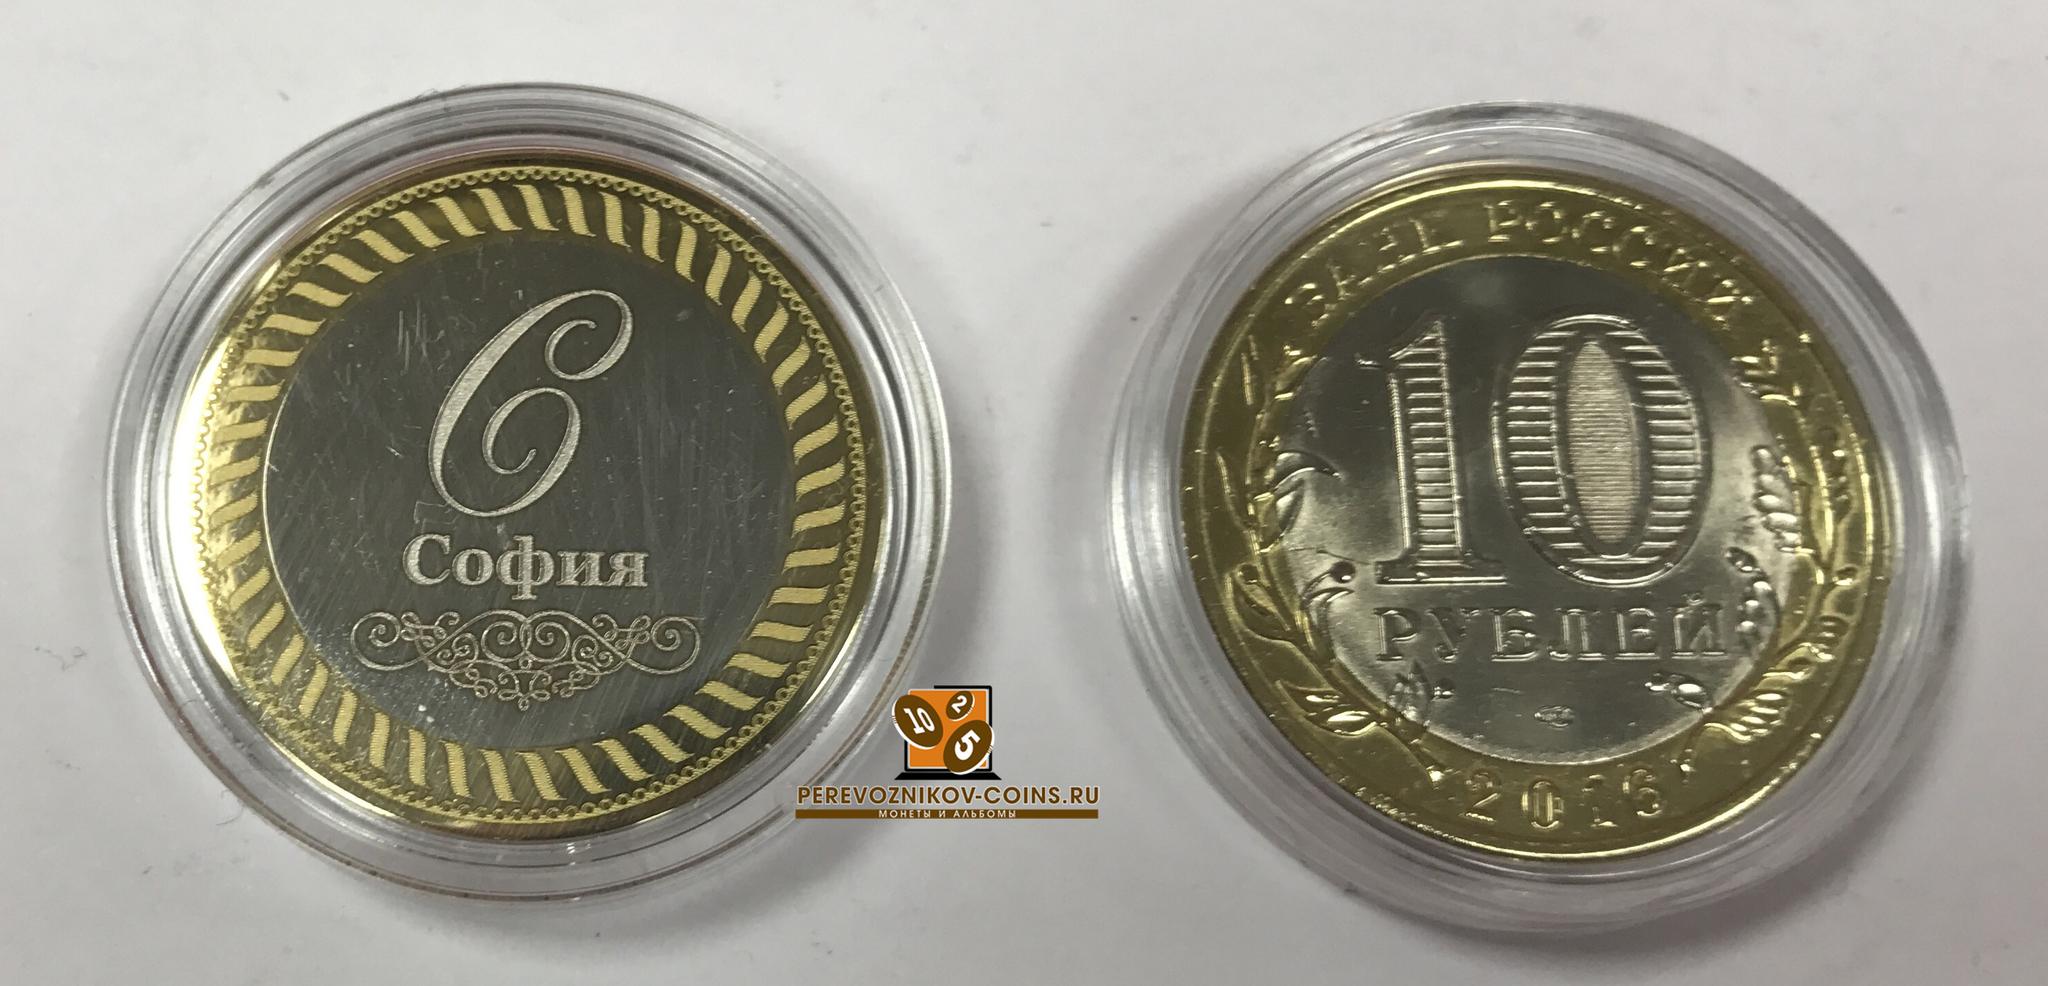 София. Гравированная монета 10 рублей